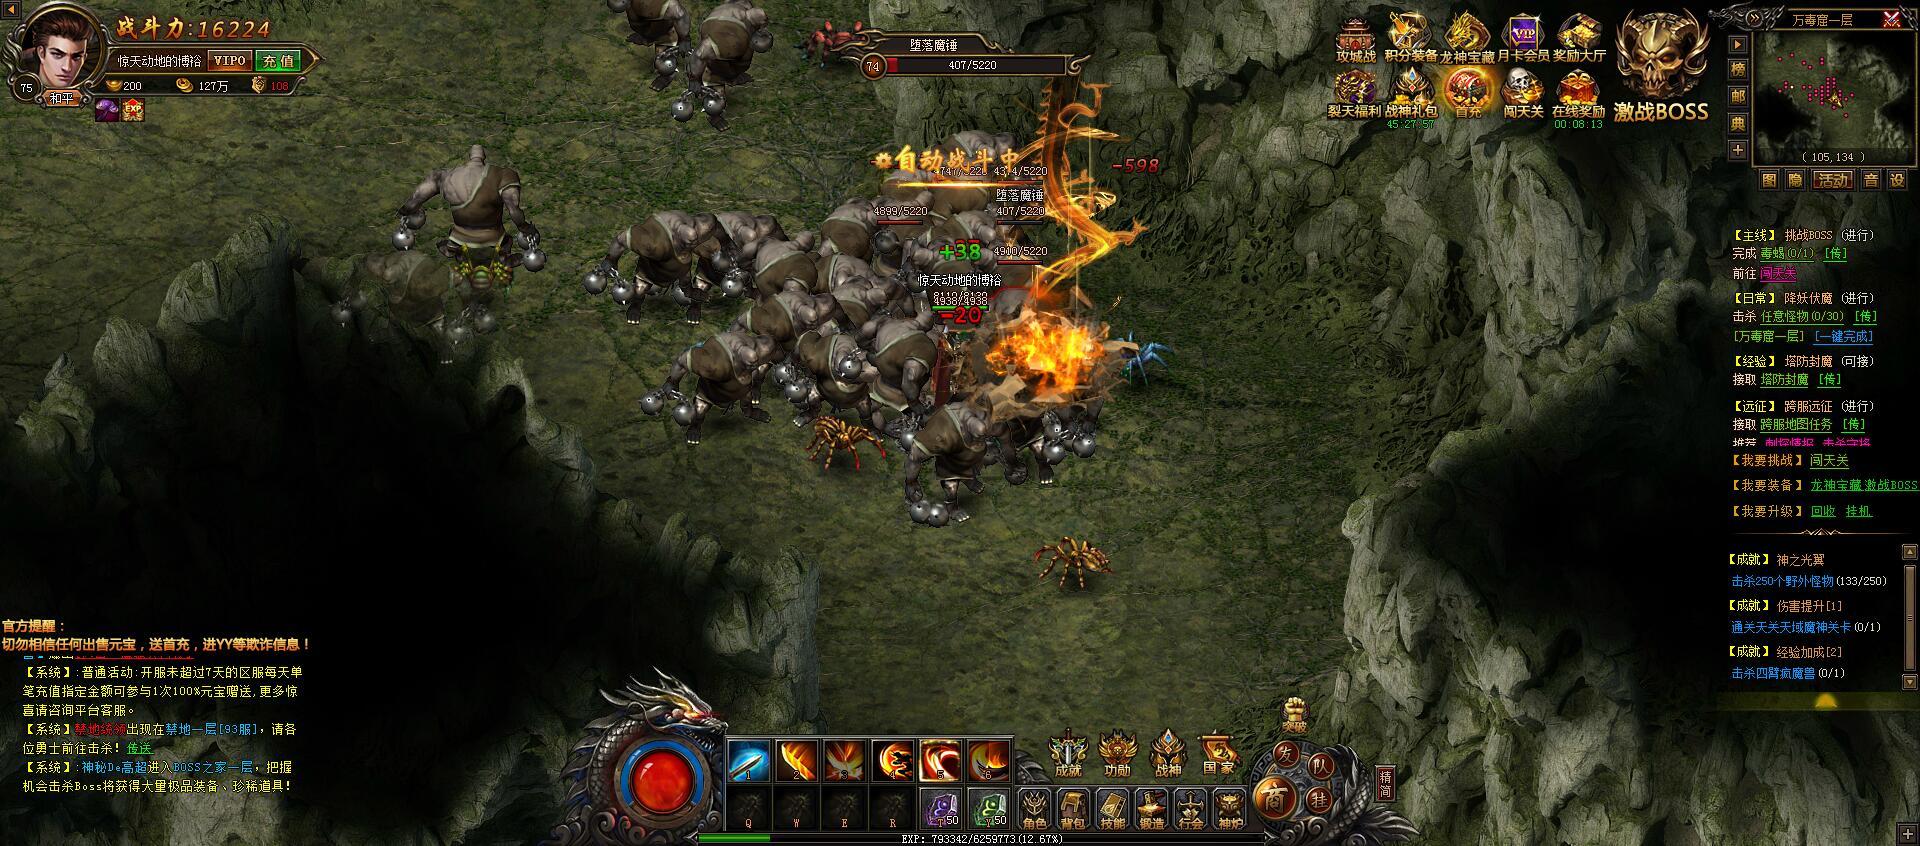 怒焰之火游戏截图1